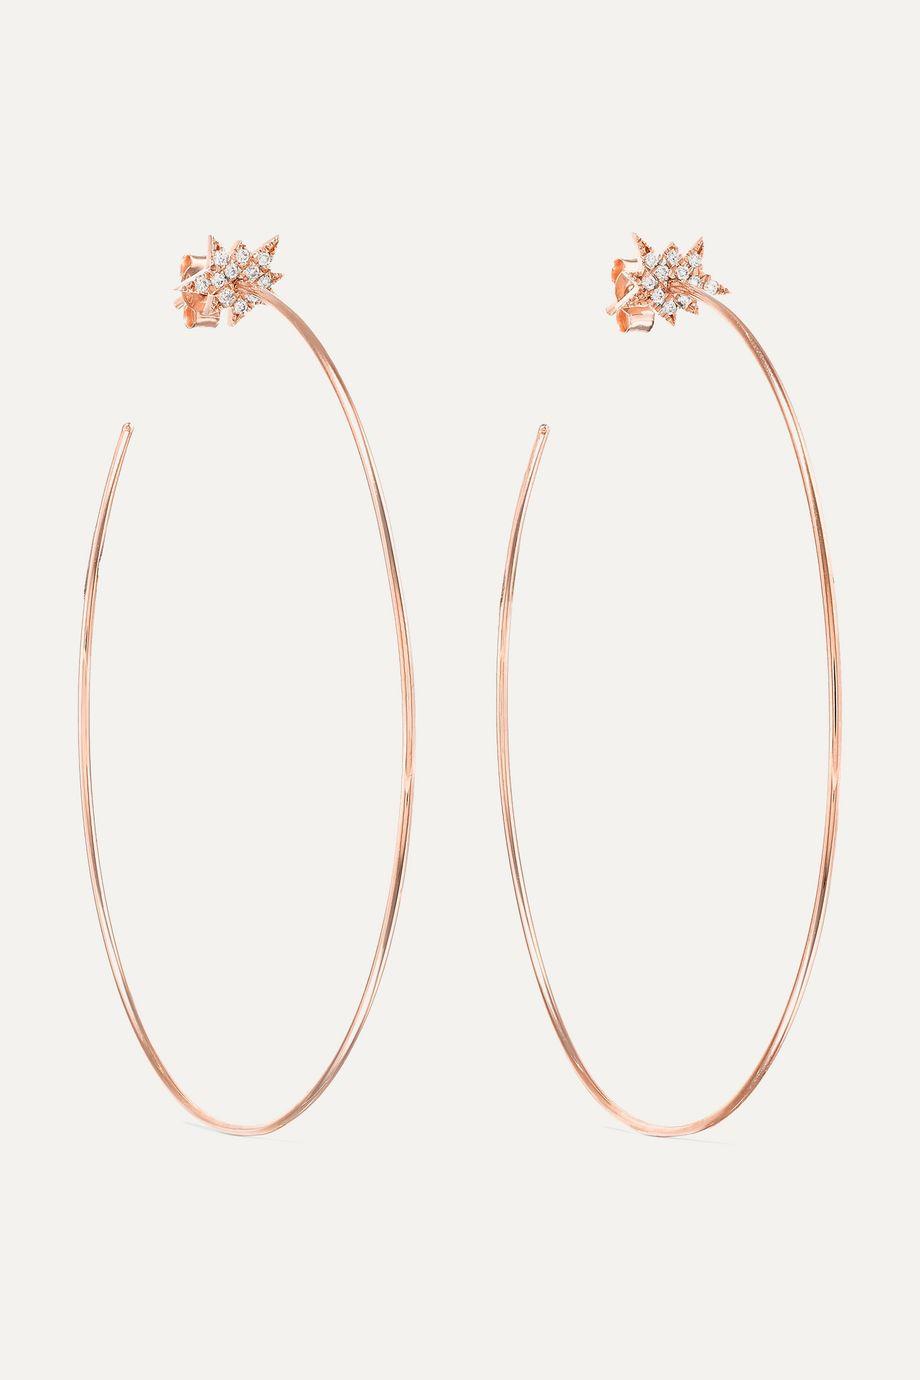 Diane Kordas Explosion 18-karat rose gold diamond hoop earrings